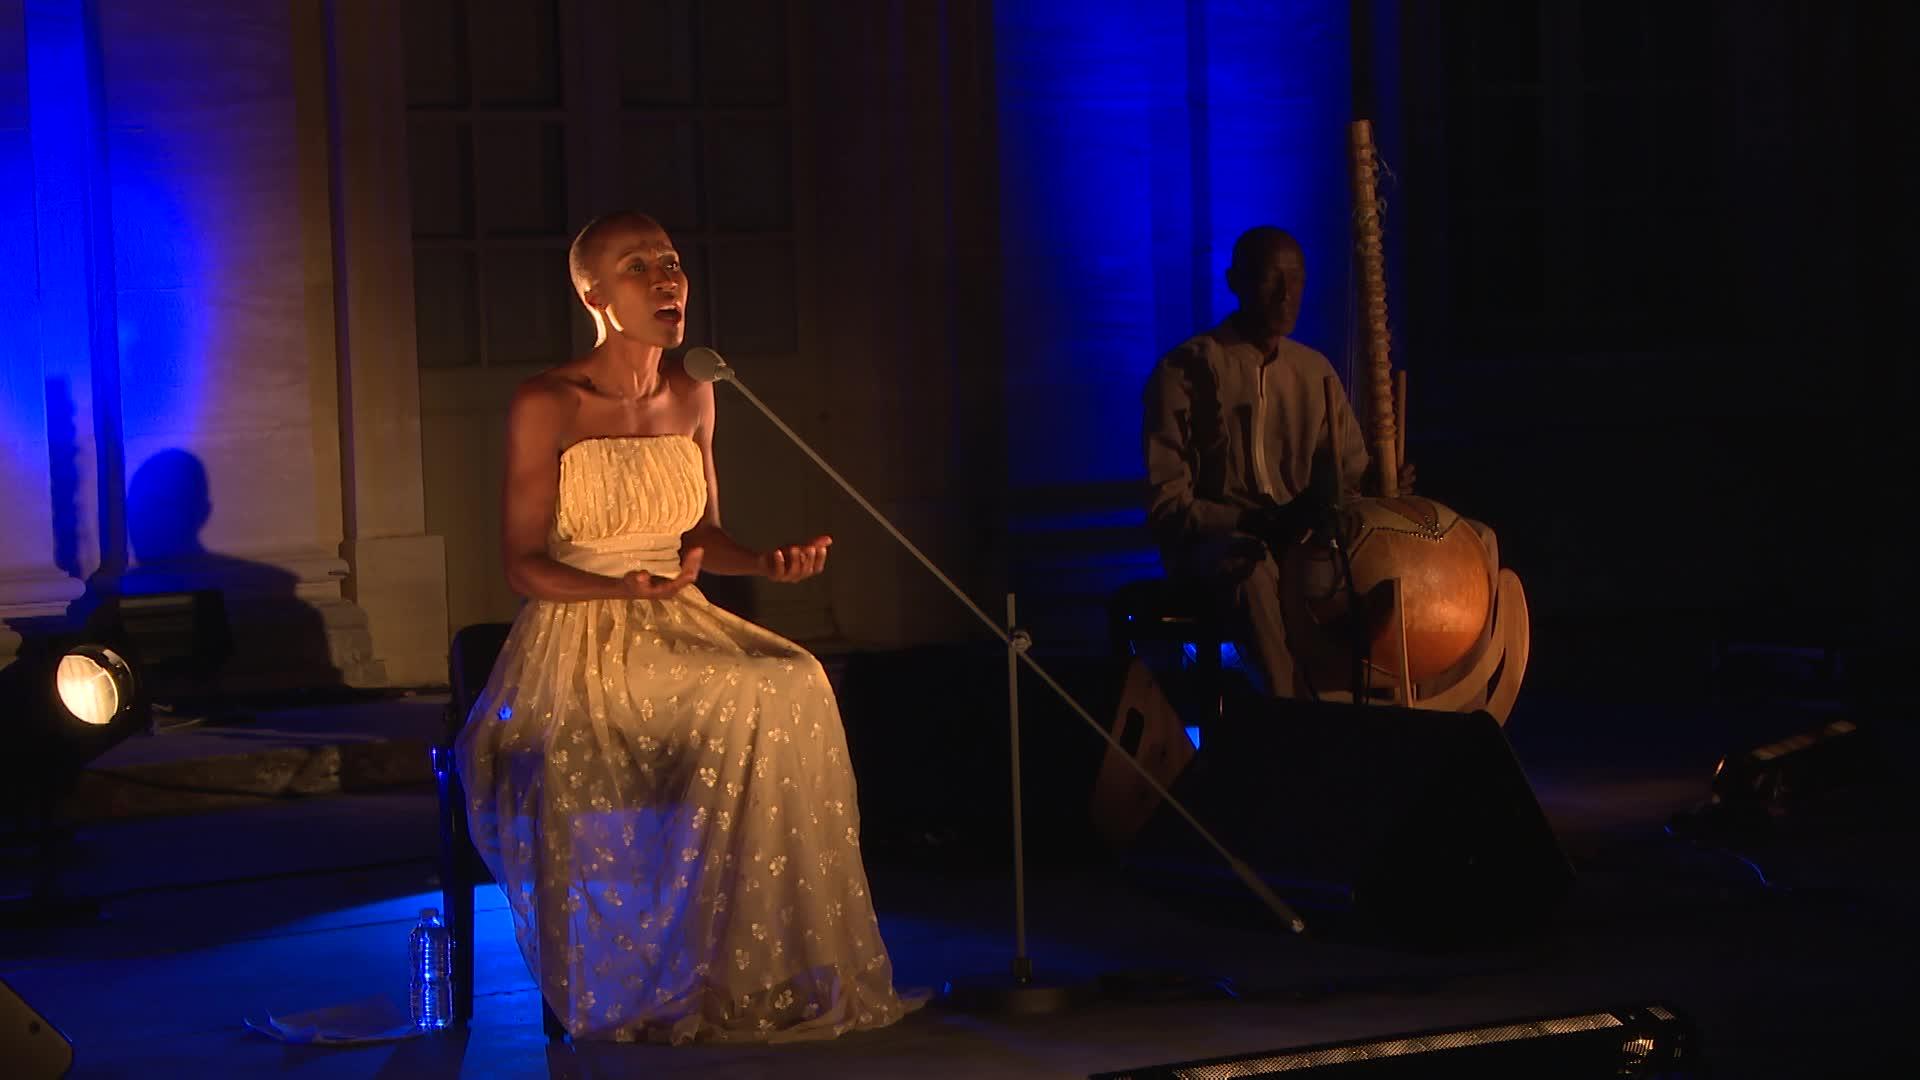 Vidéo Rokia Traoré - Dream mandé - Djata - Extraits